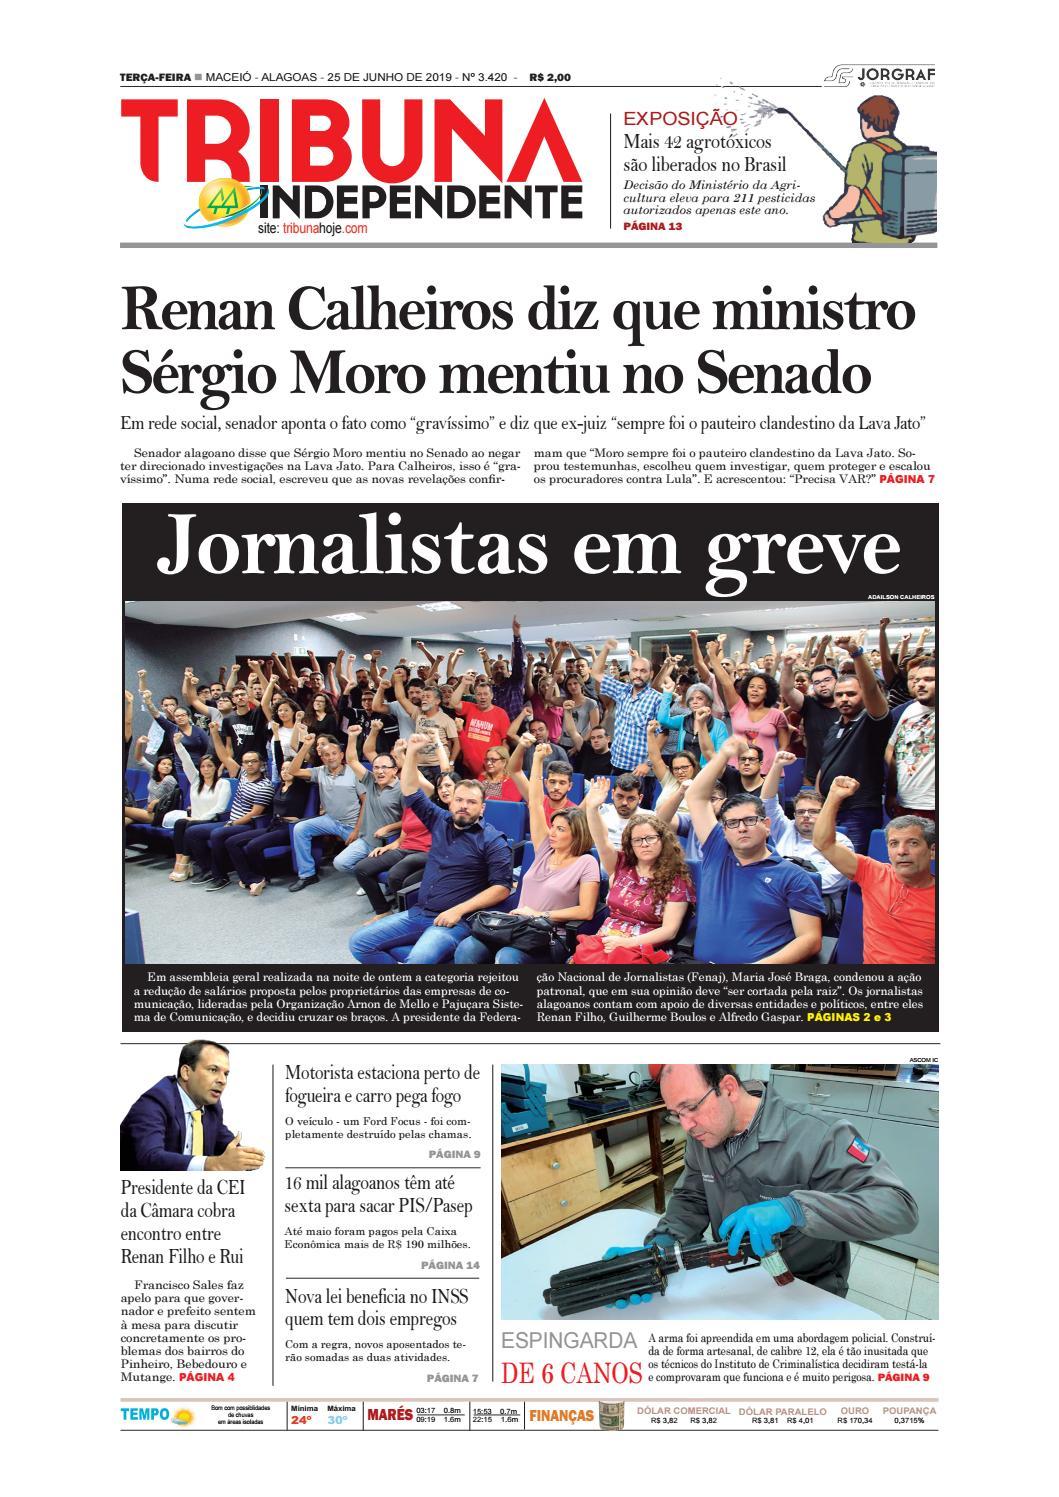 bac4791b6 Edição número 3420 - 25 de junho de 2018 by Tribuna Hoje - issuu